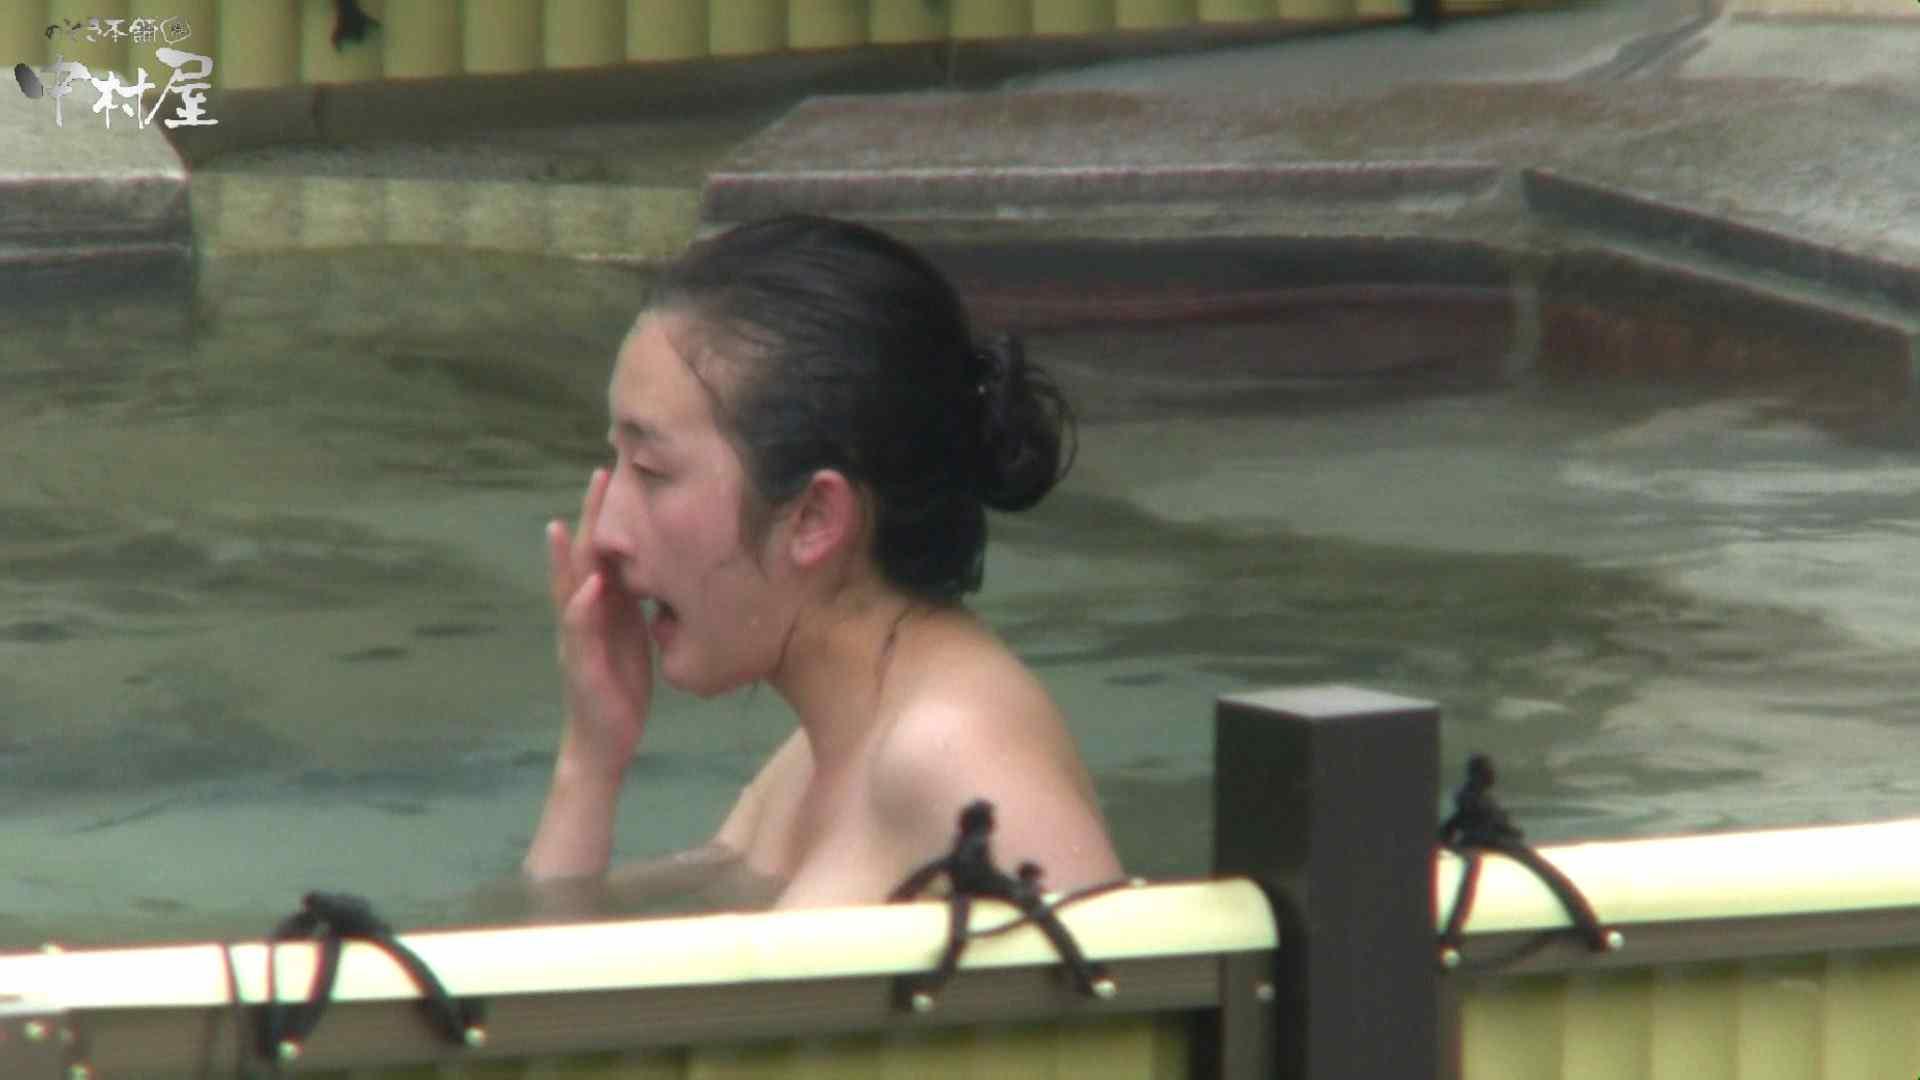 Aquaな露天風呂Vol.949 露天 | 盗撮特集  106画像 52